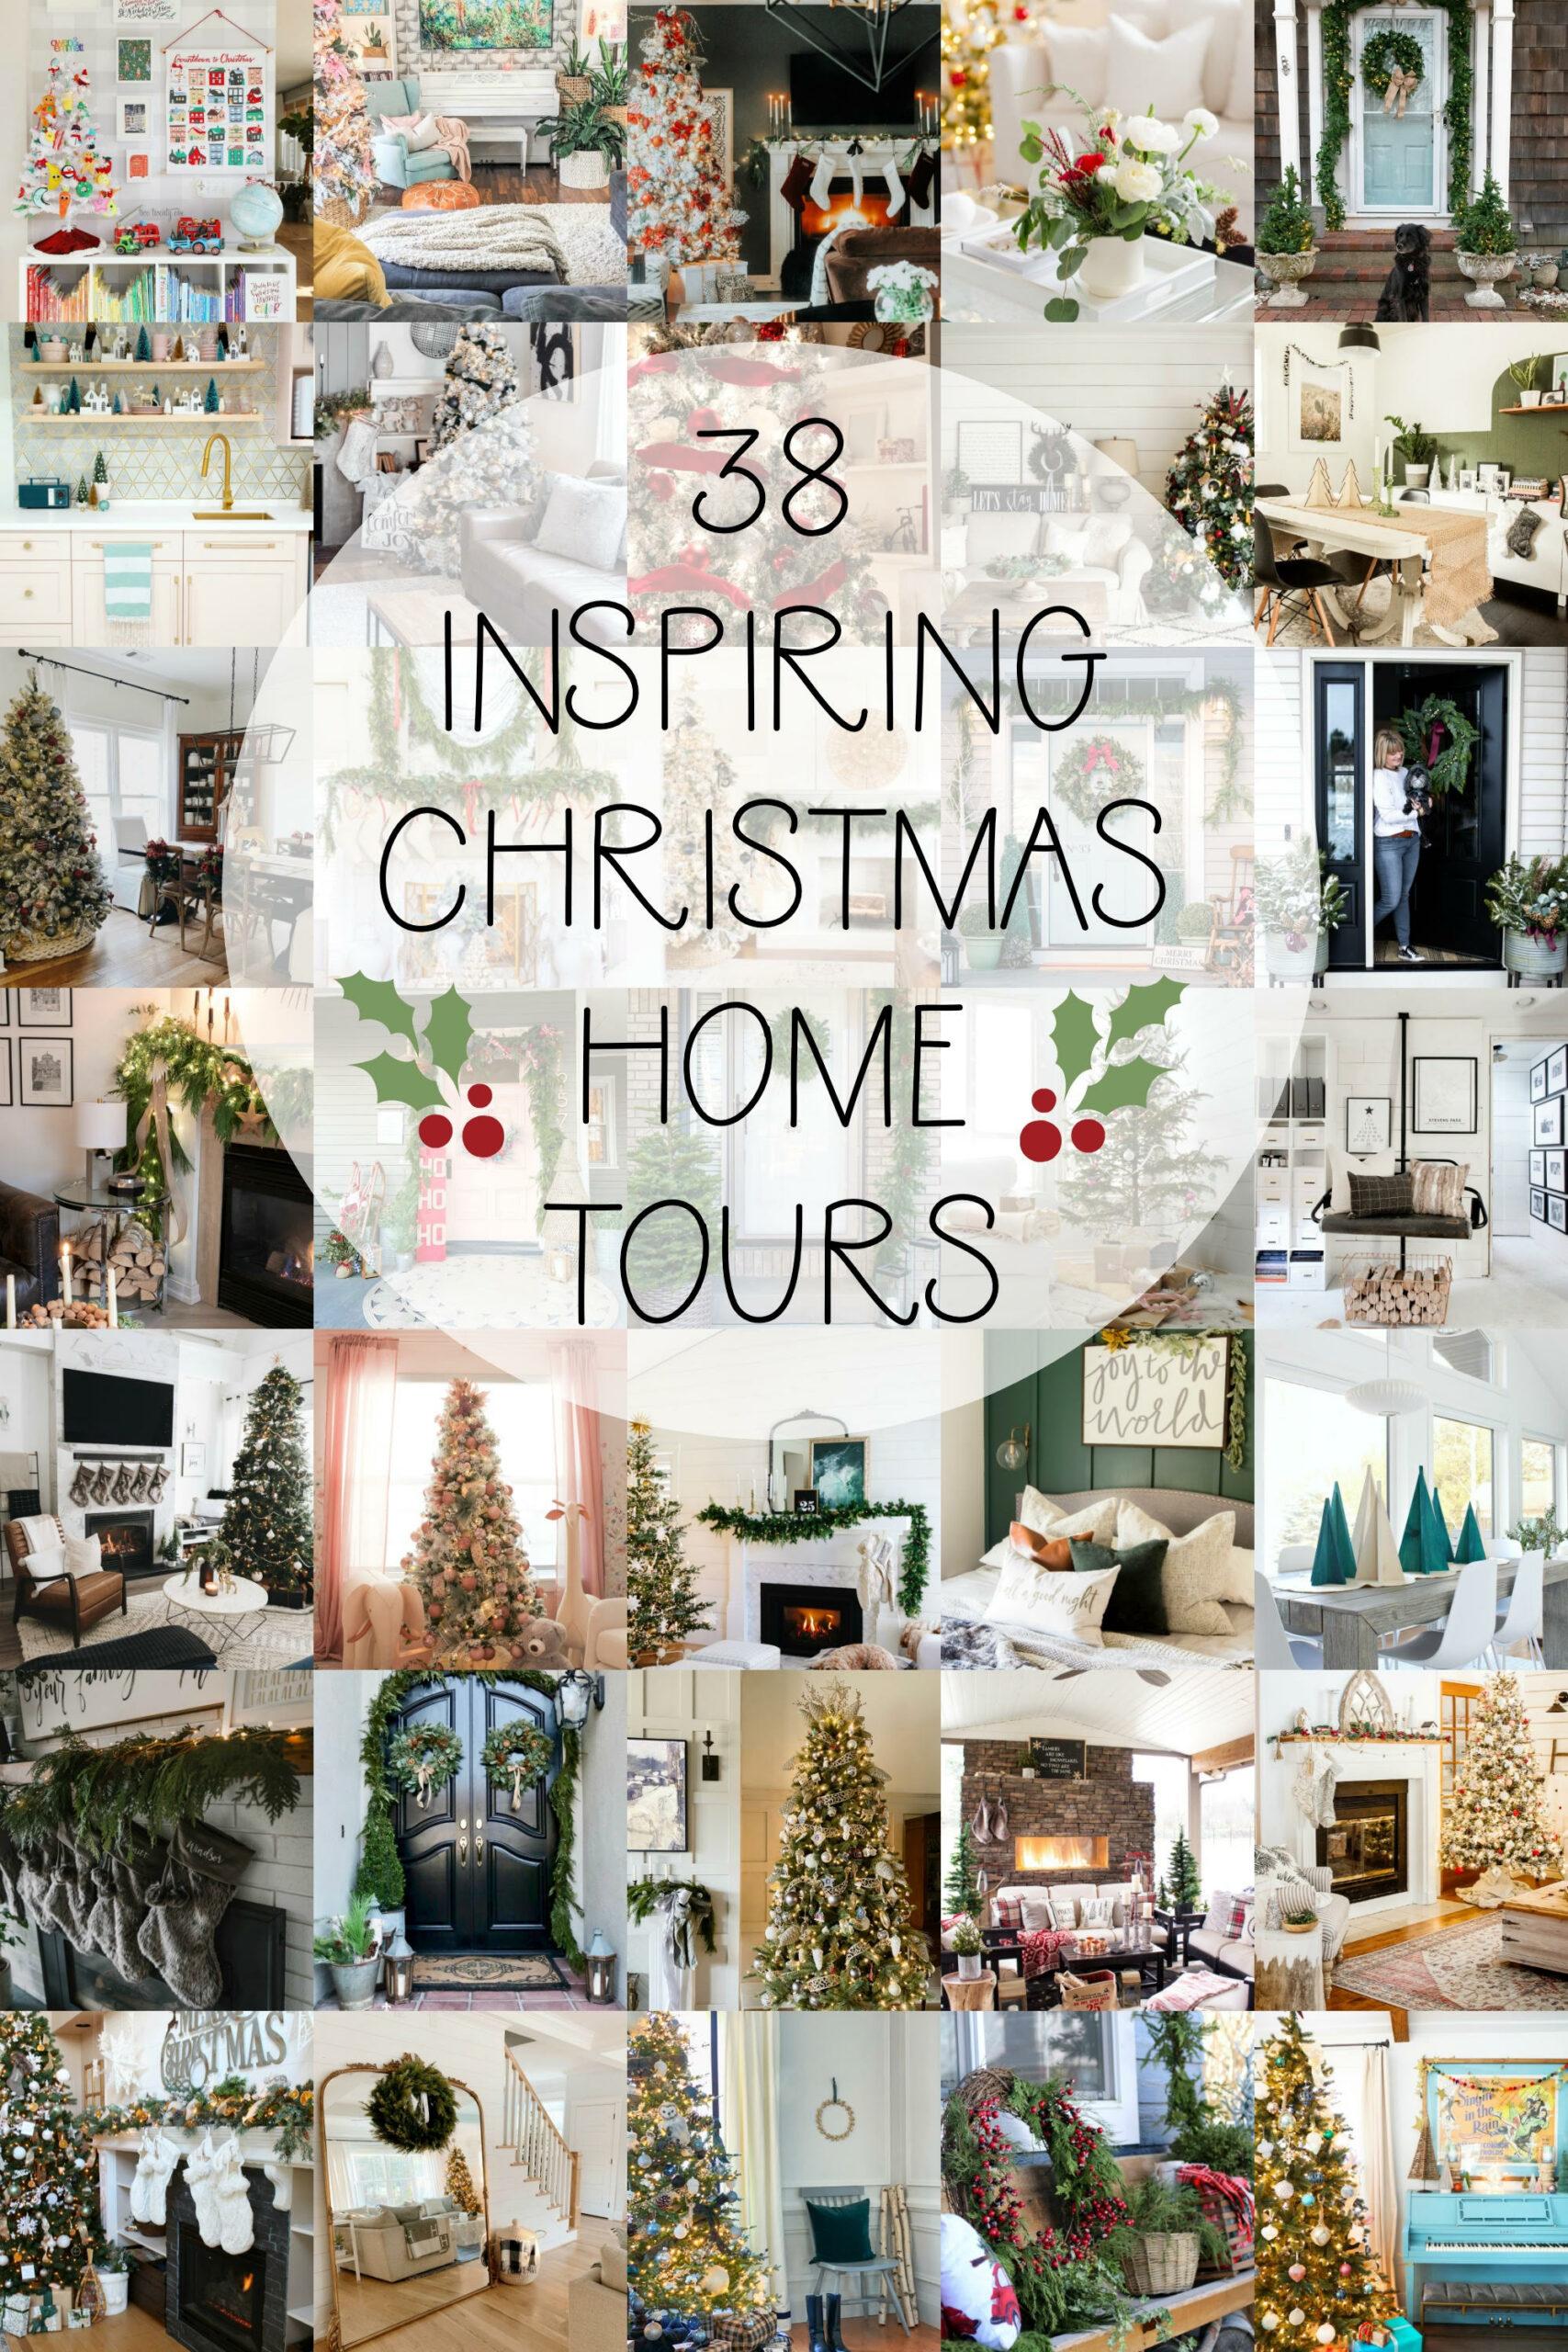 38 Christmas Home Tours